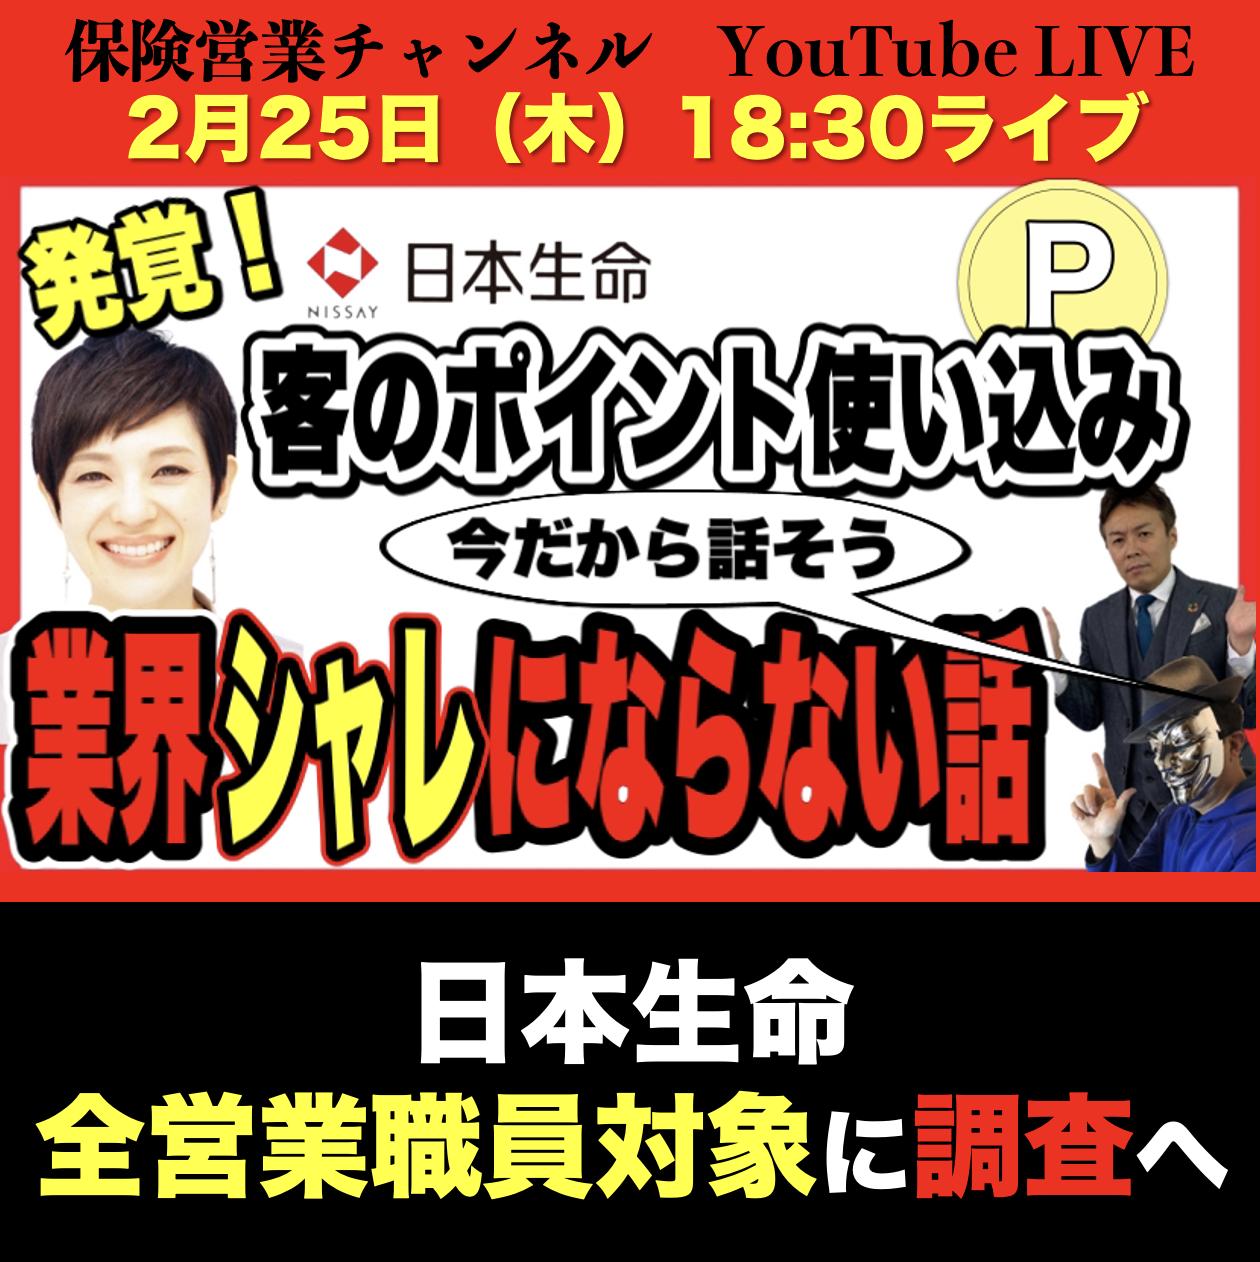 2/25 18:30 保険営業チャンネル YouTube LIVE